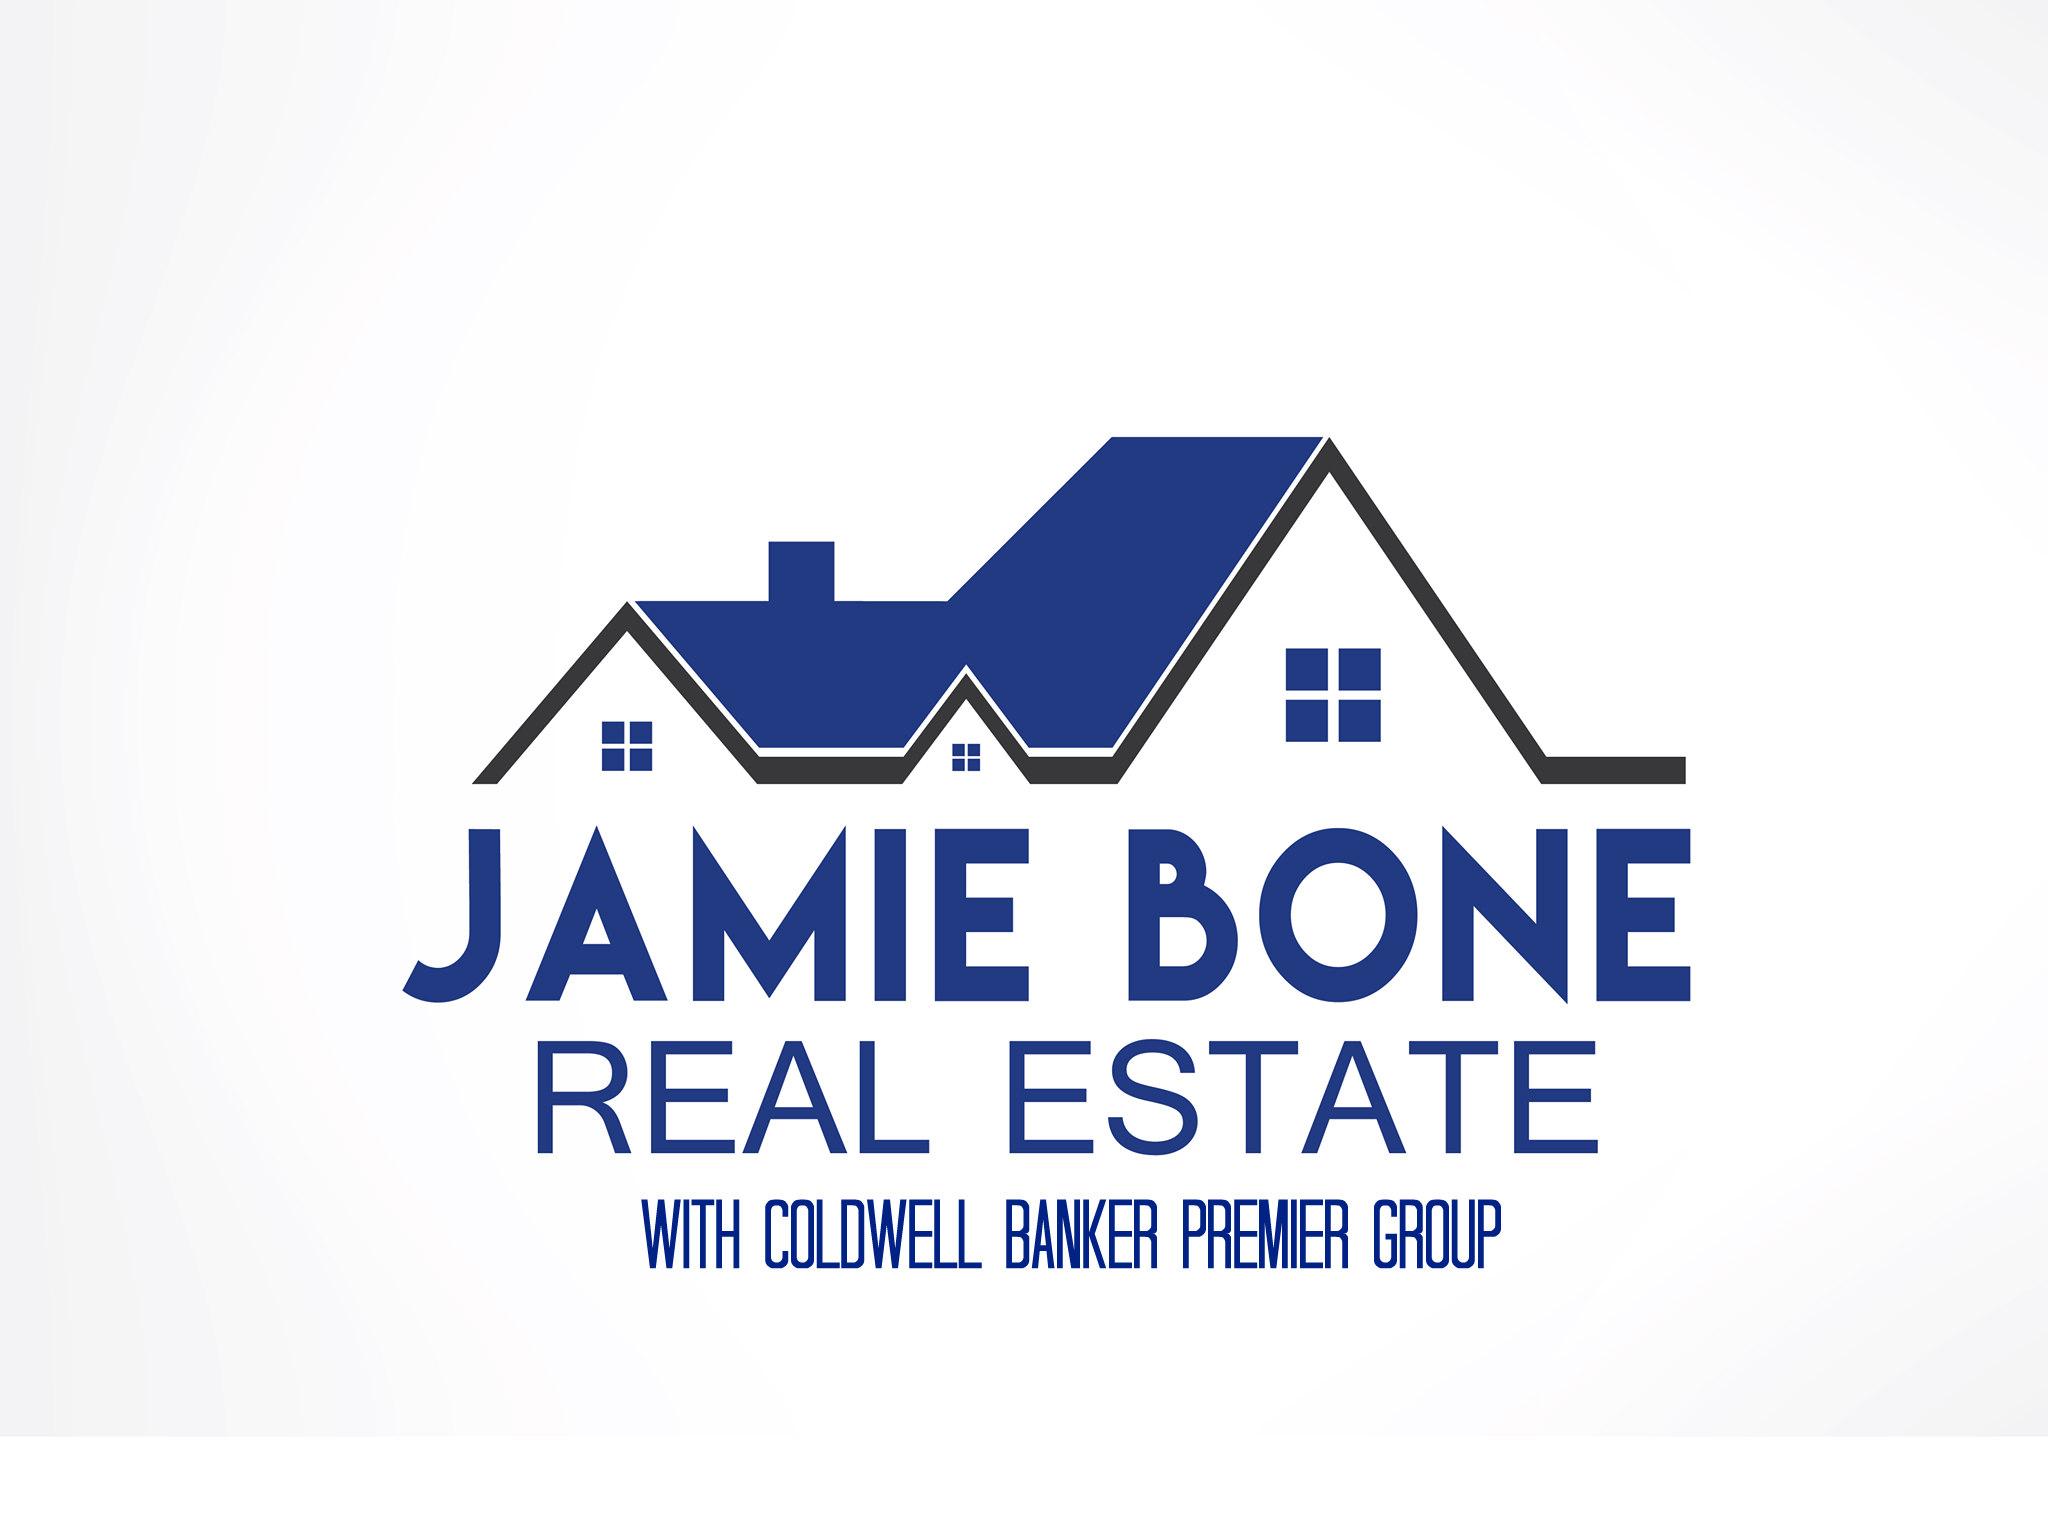 jamie bone logo edited.jpg